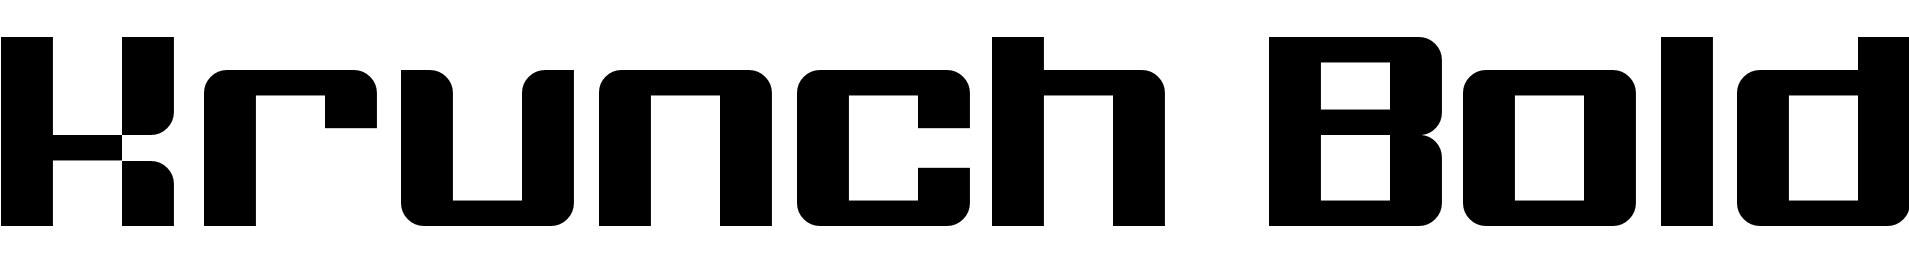 Krunch Bold